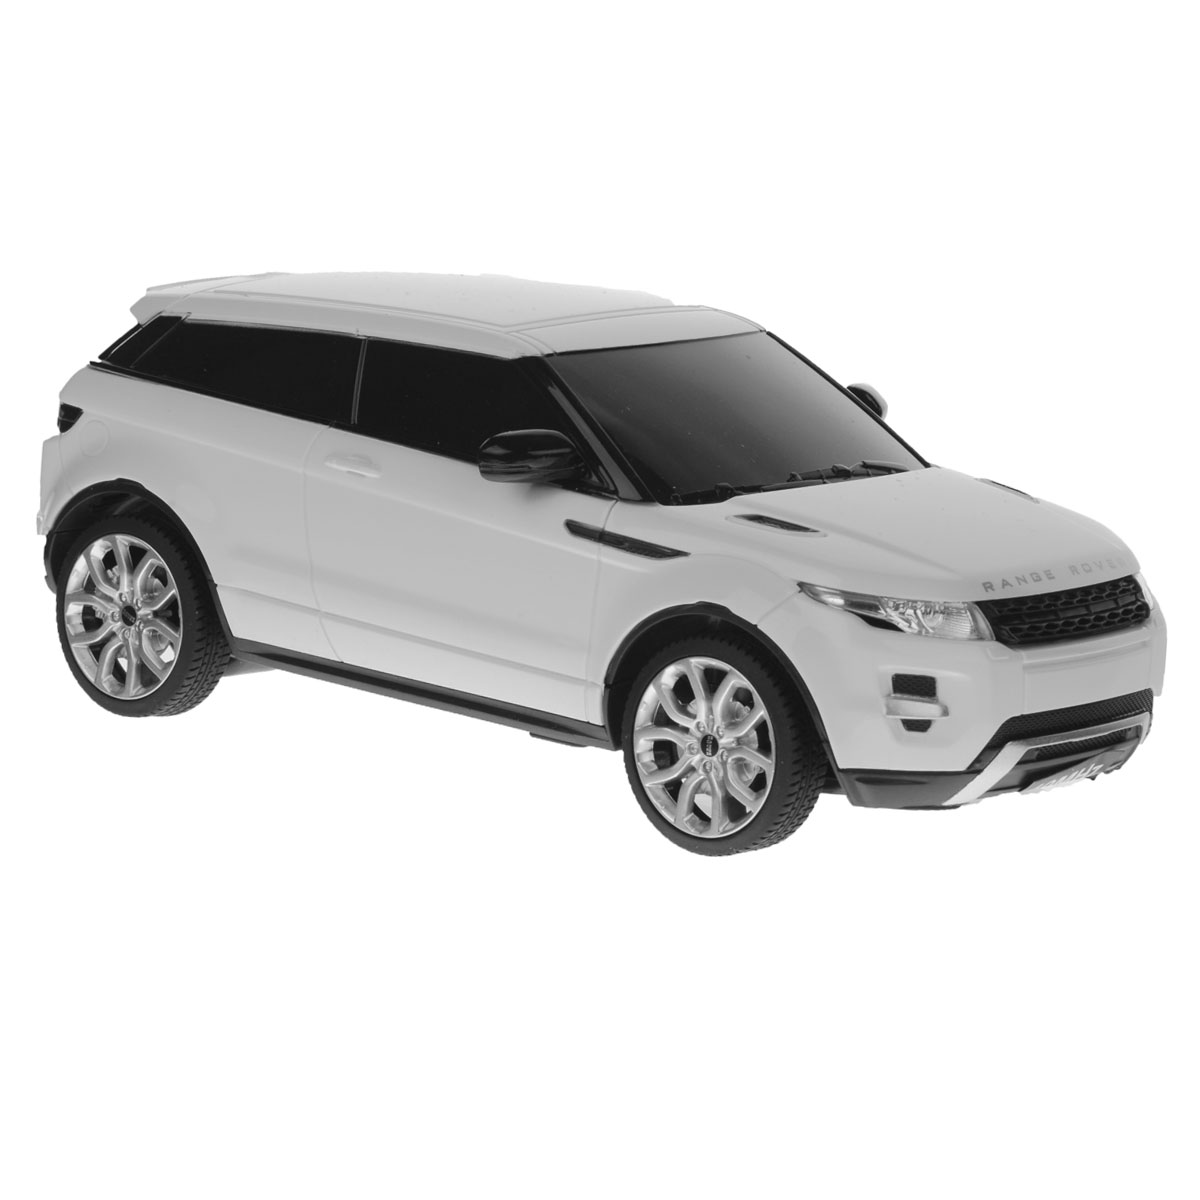 Rastar Радиоуправляемая модель Range Rover Evoque цвет белый масштаб 1:24 rastar радиоуправляемая модель range rover evoque цвет красный масштаб 1 24